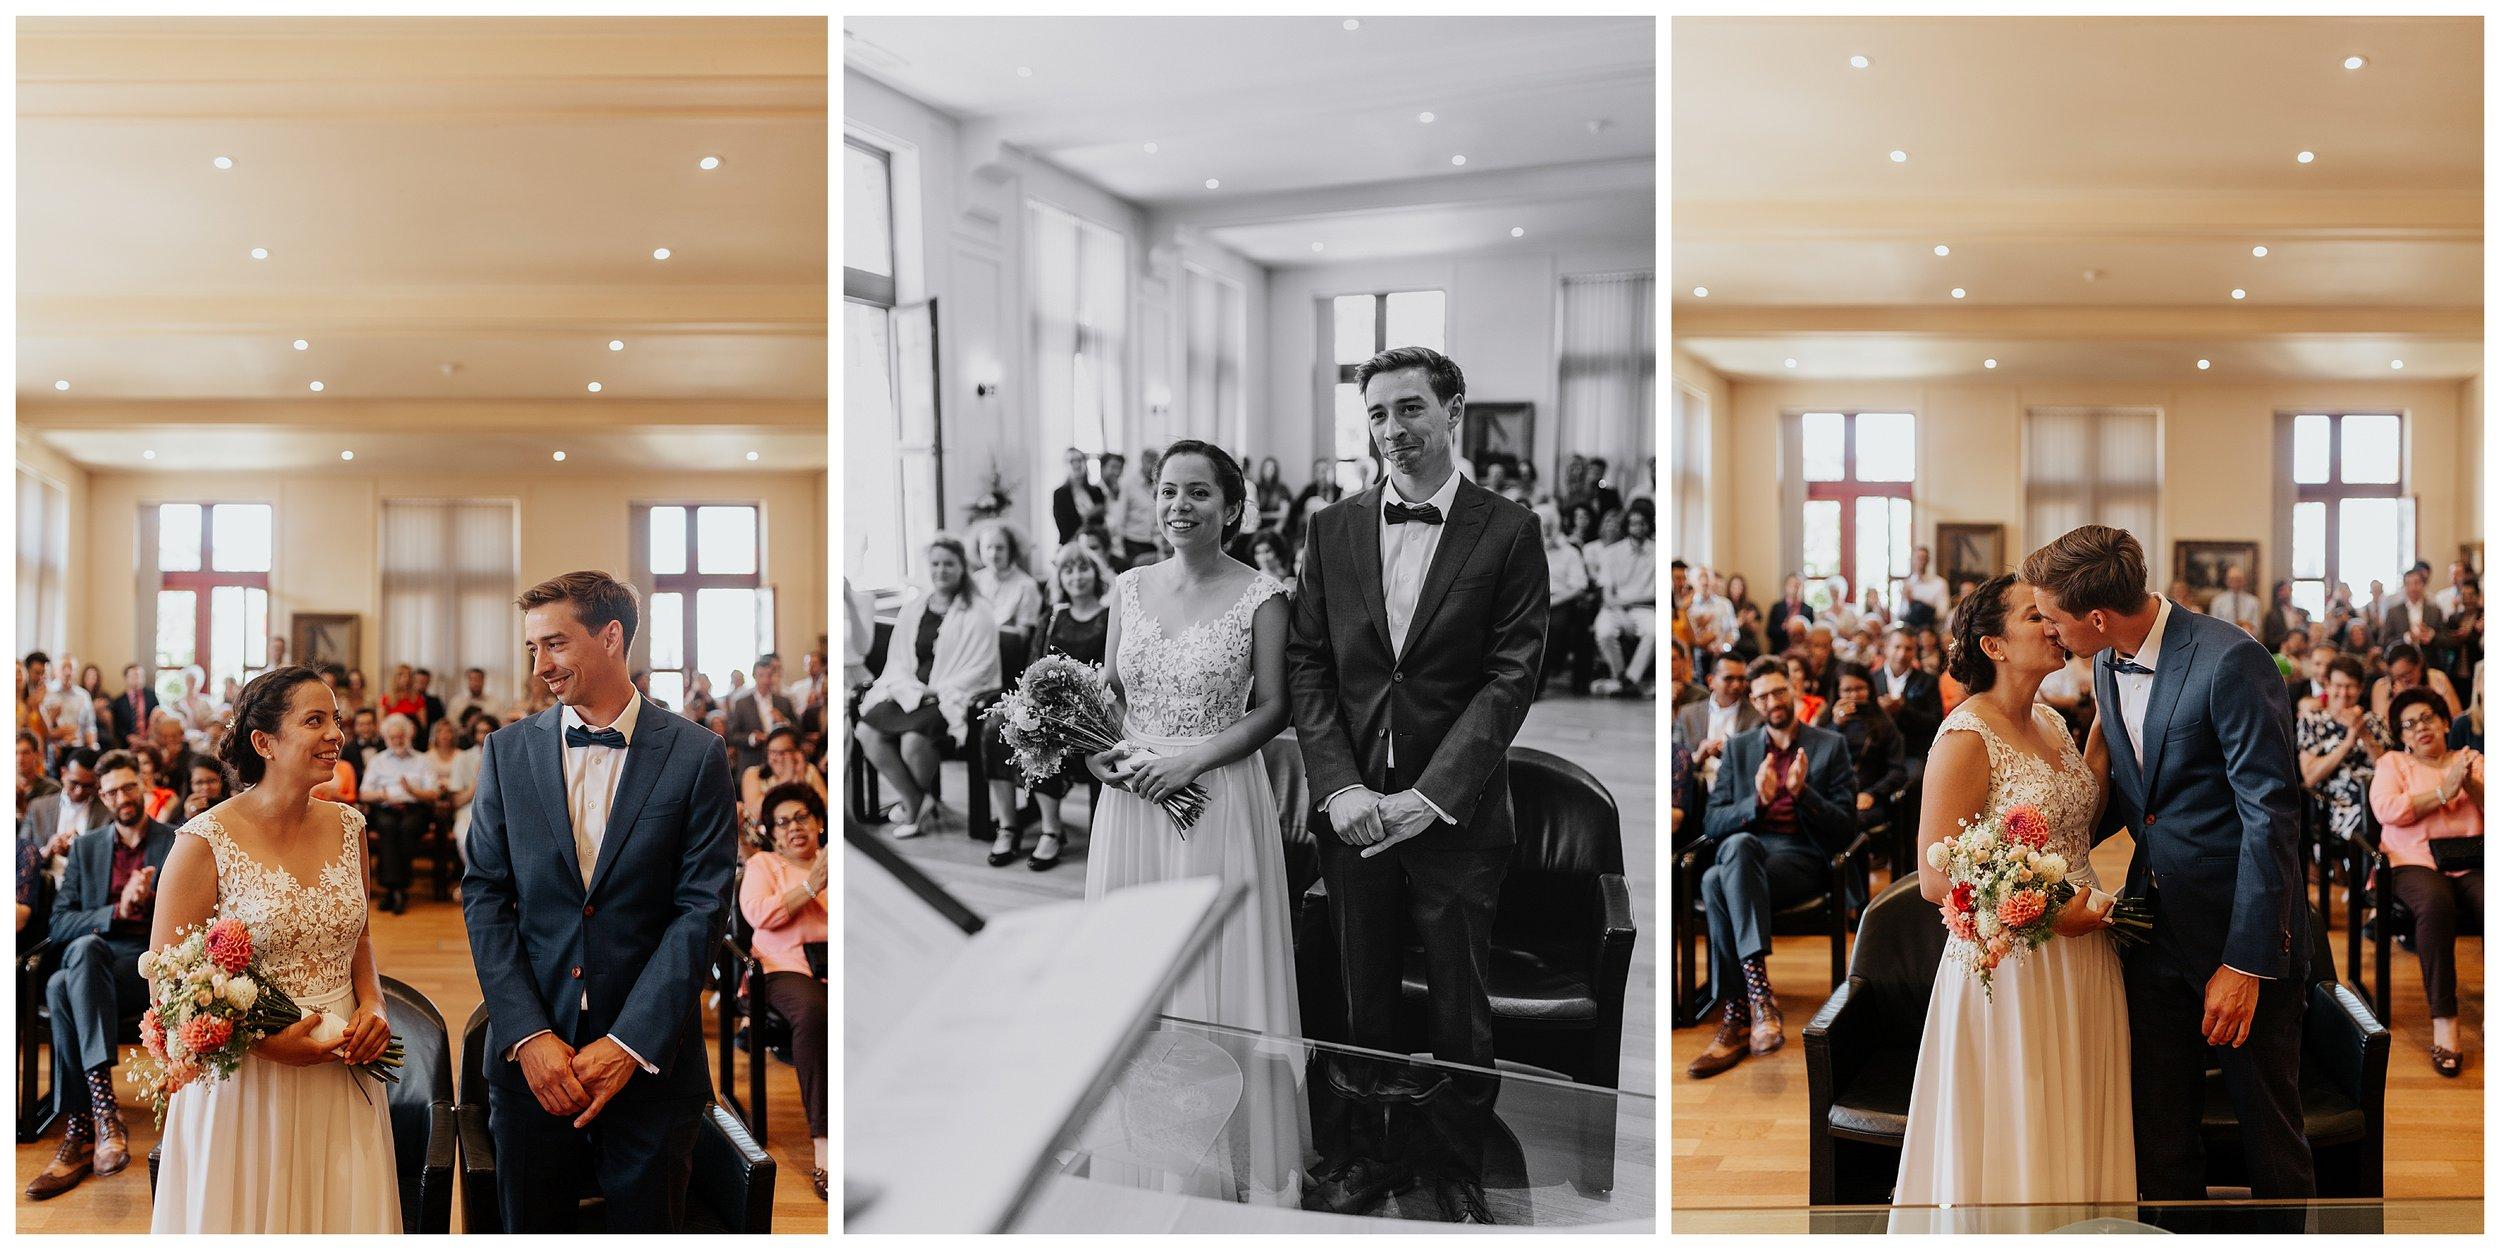 huwelijksfotograaf-huwelijksfotografie-knokke-heist-lisa-helsen-photography-trouwfotograaf-trouwfoto-sabine-pieter_0005.jpg